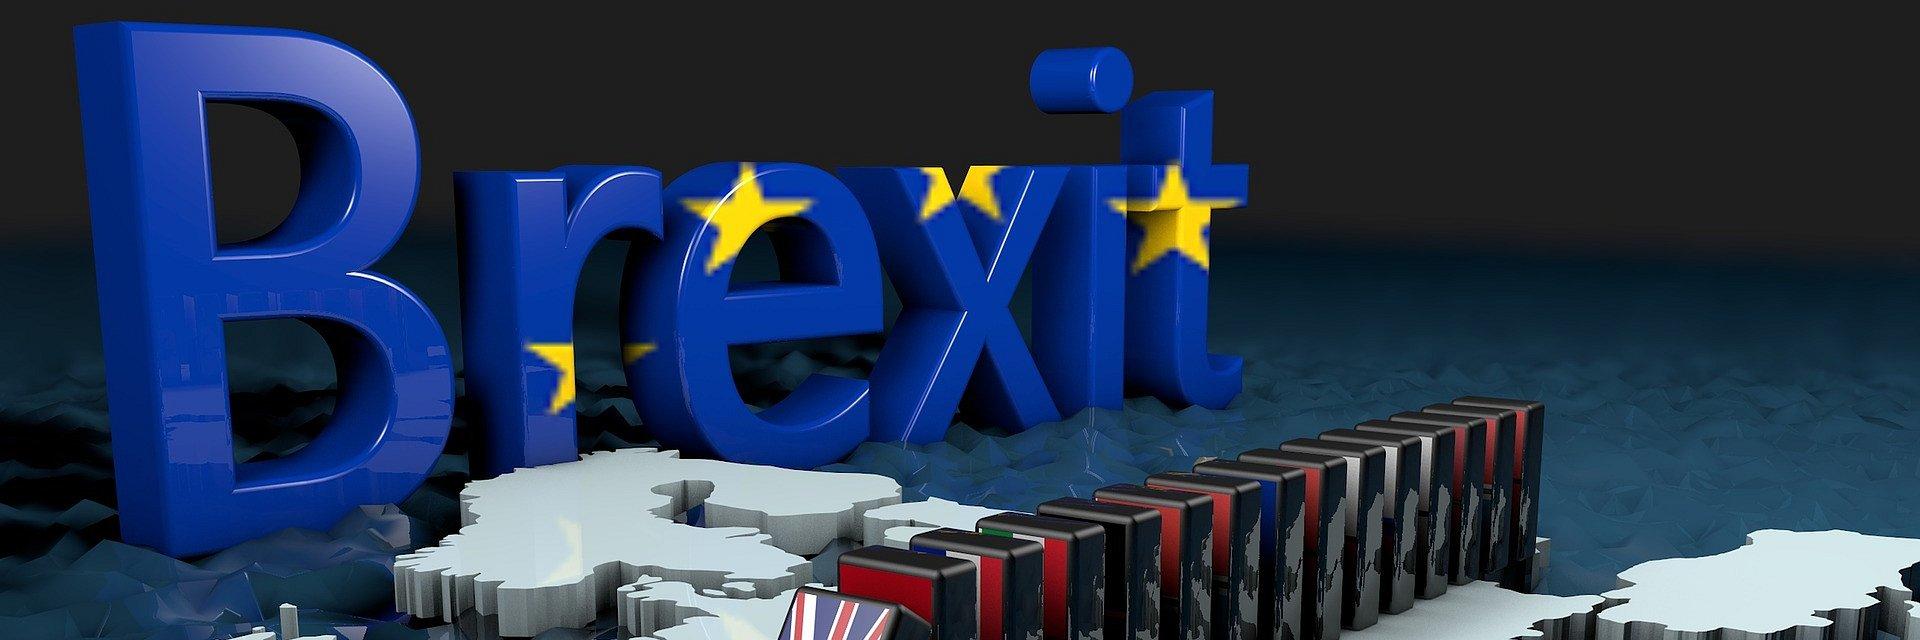 Wielka Brytania w trakcie farmaceutycznych przygotowań do Brexitu